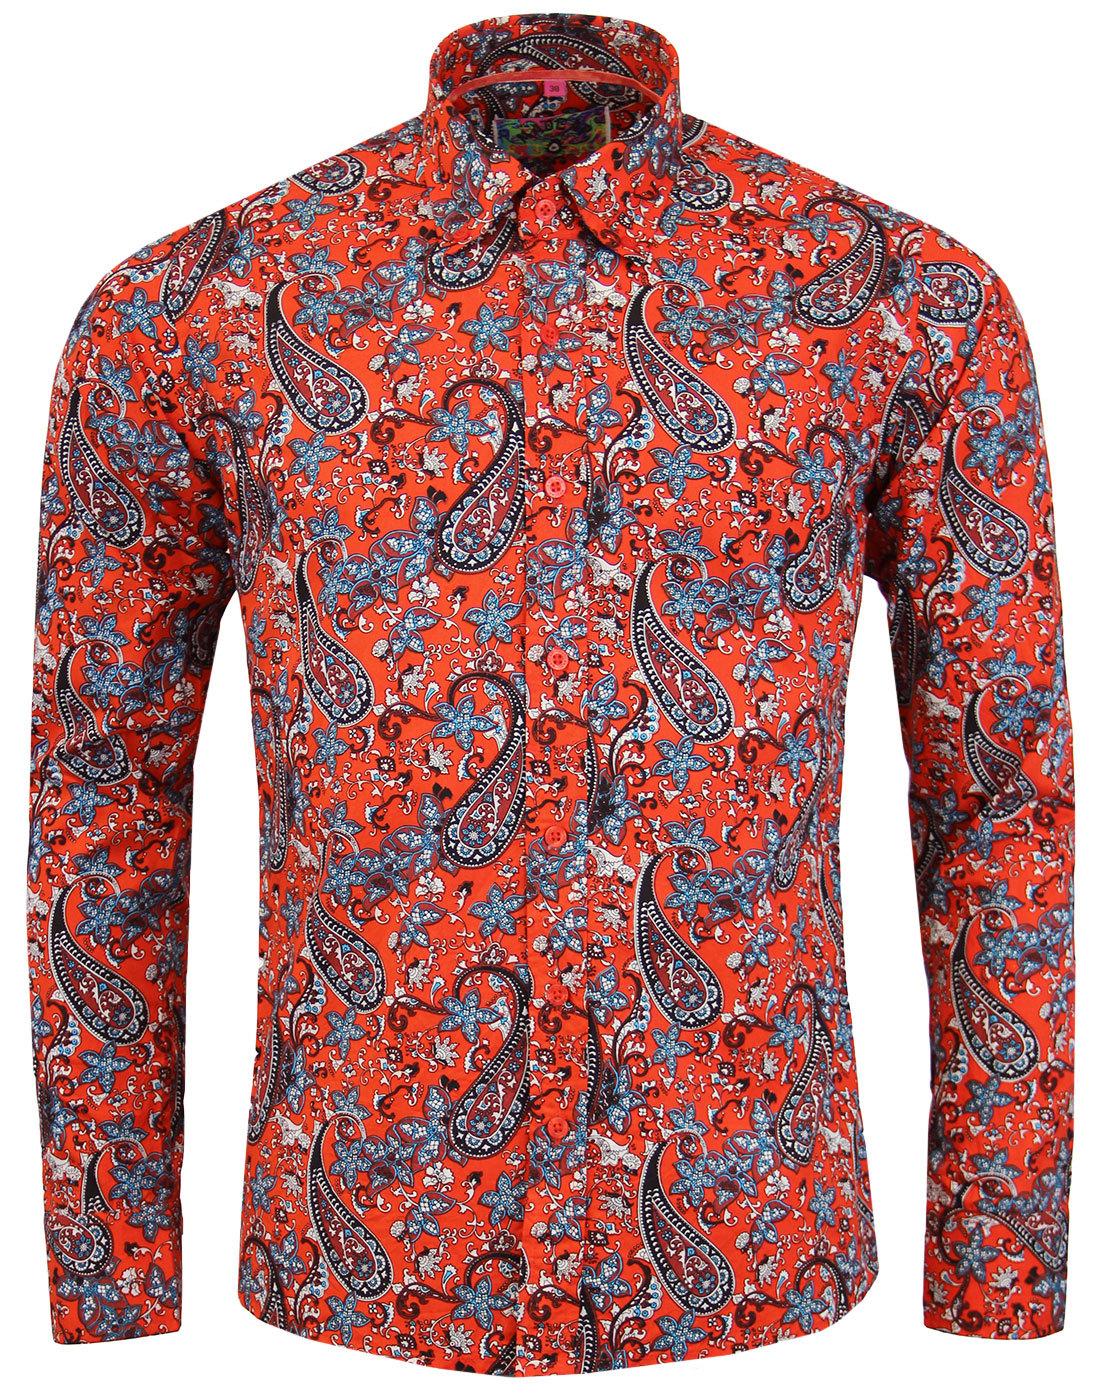 madcap england tabla paisley retro mod shirt red